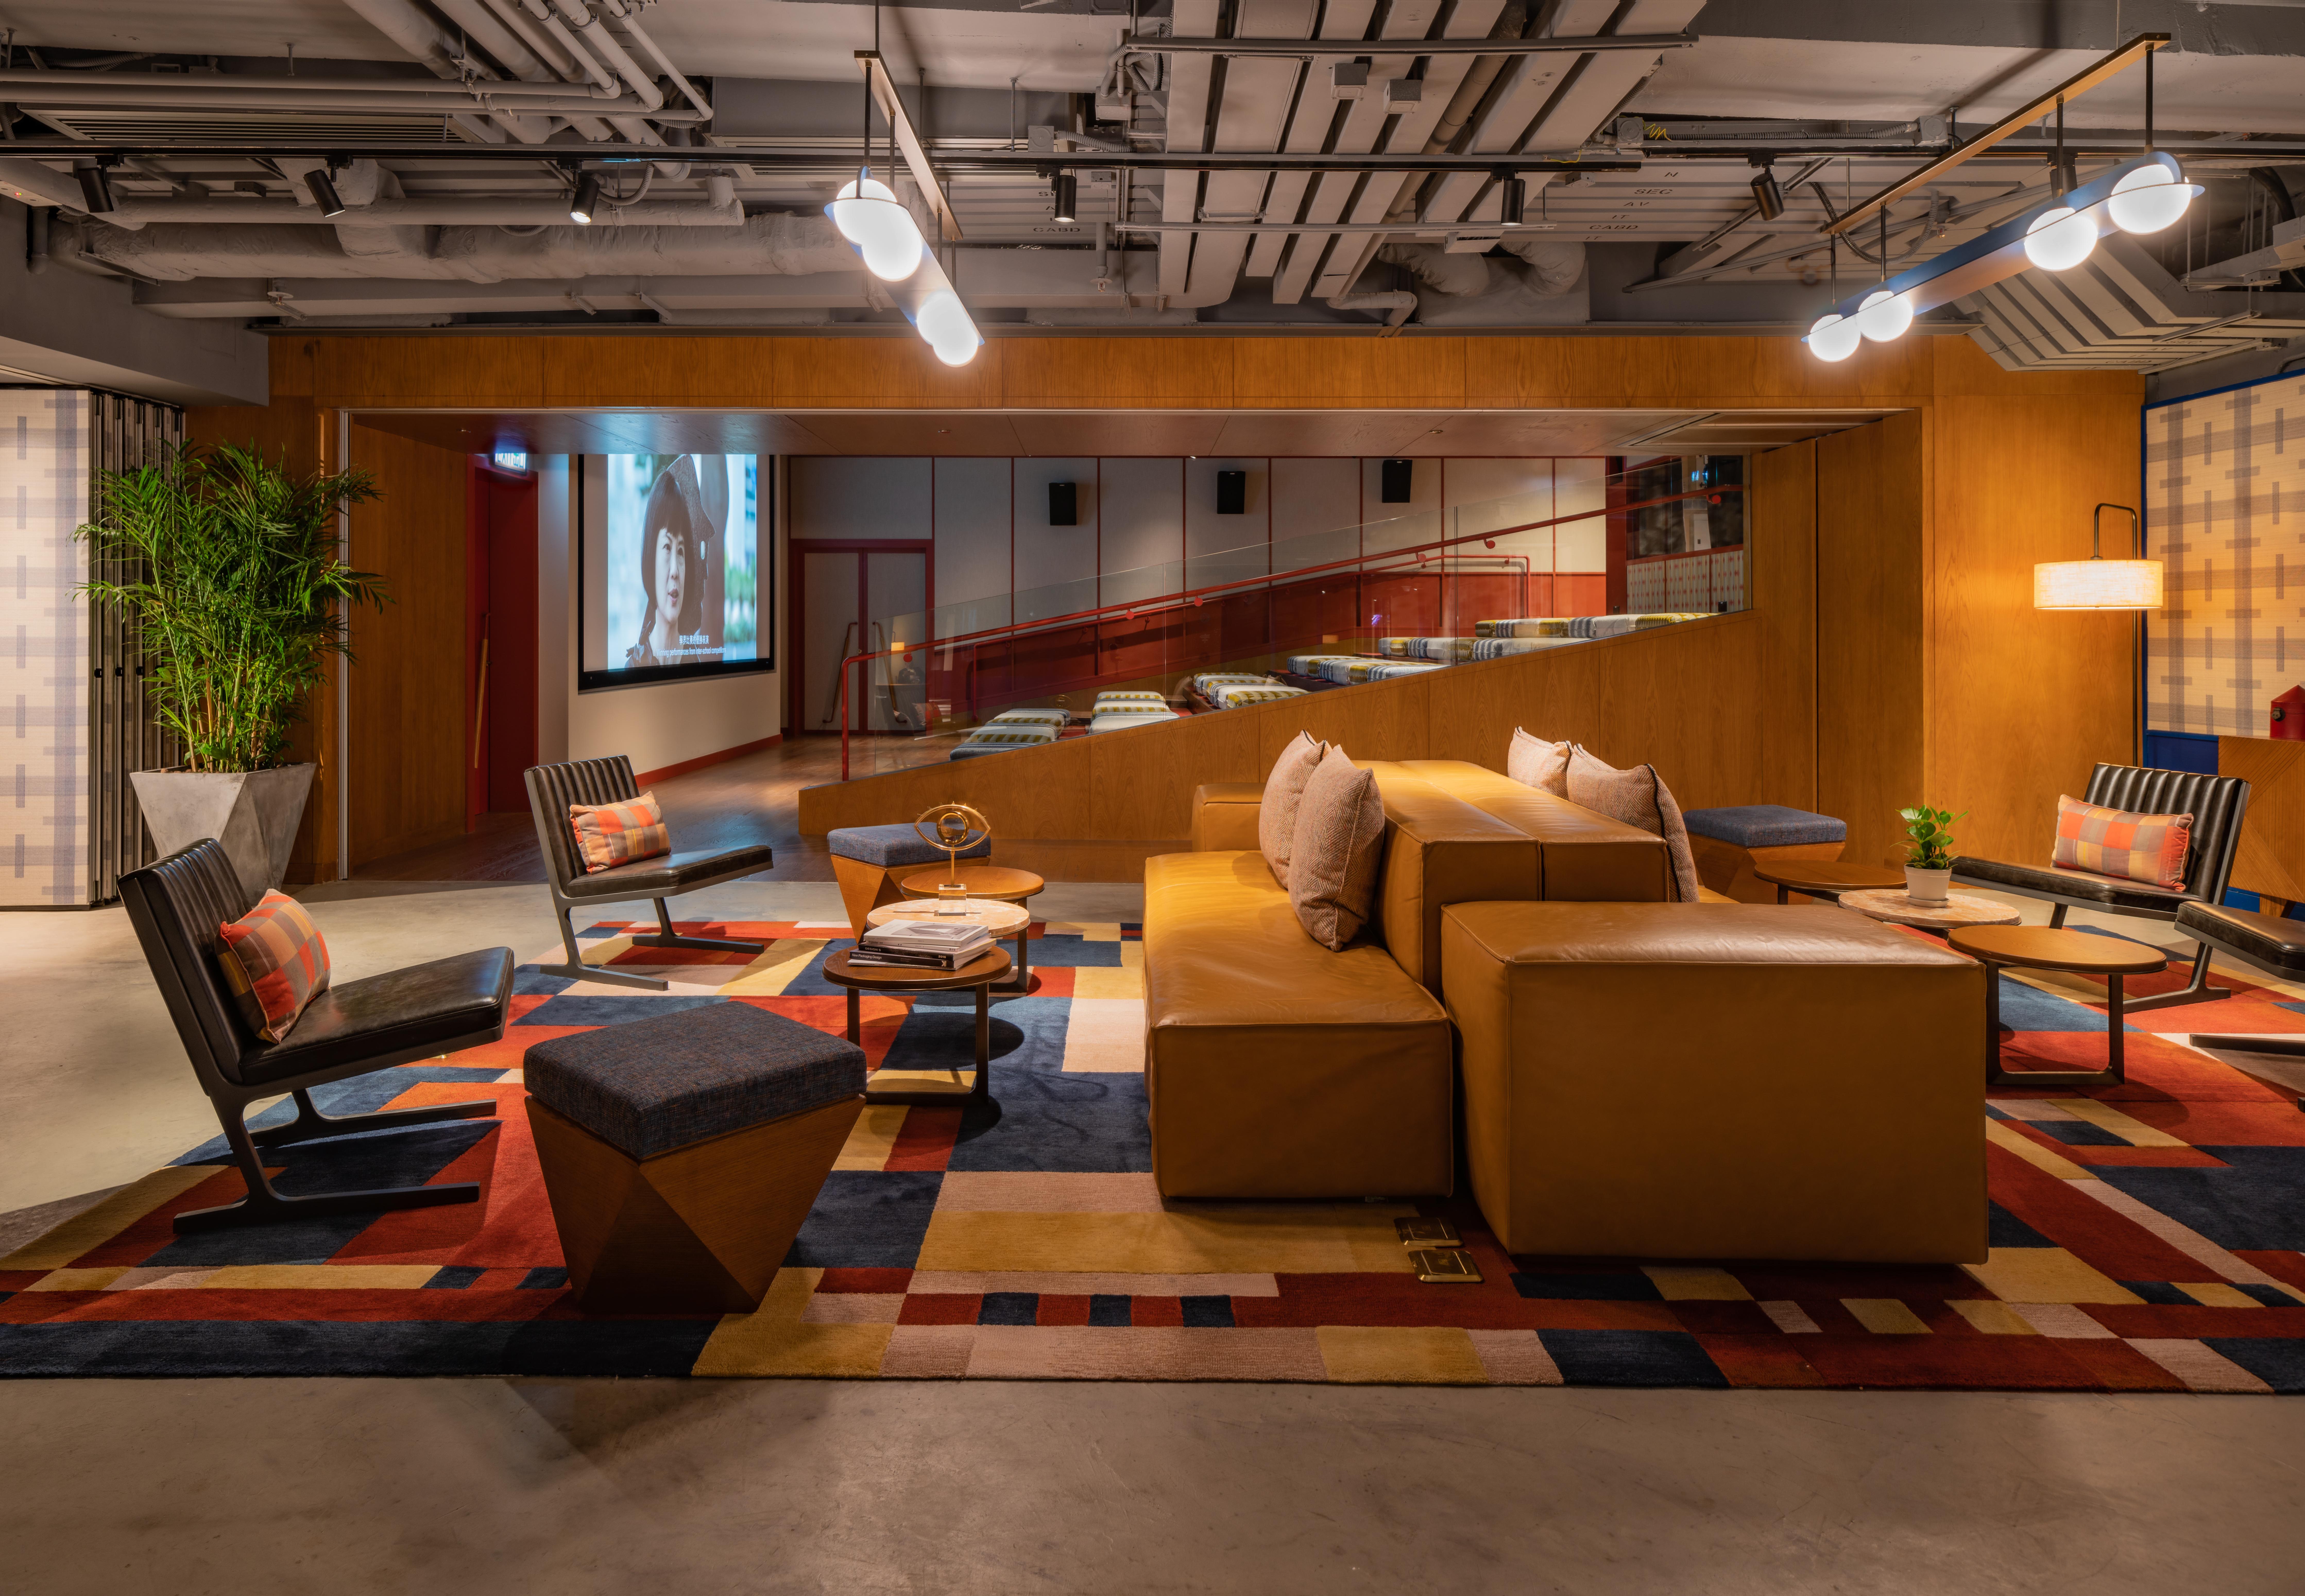 Kino and Lounge